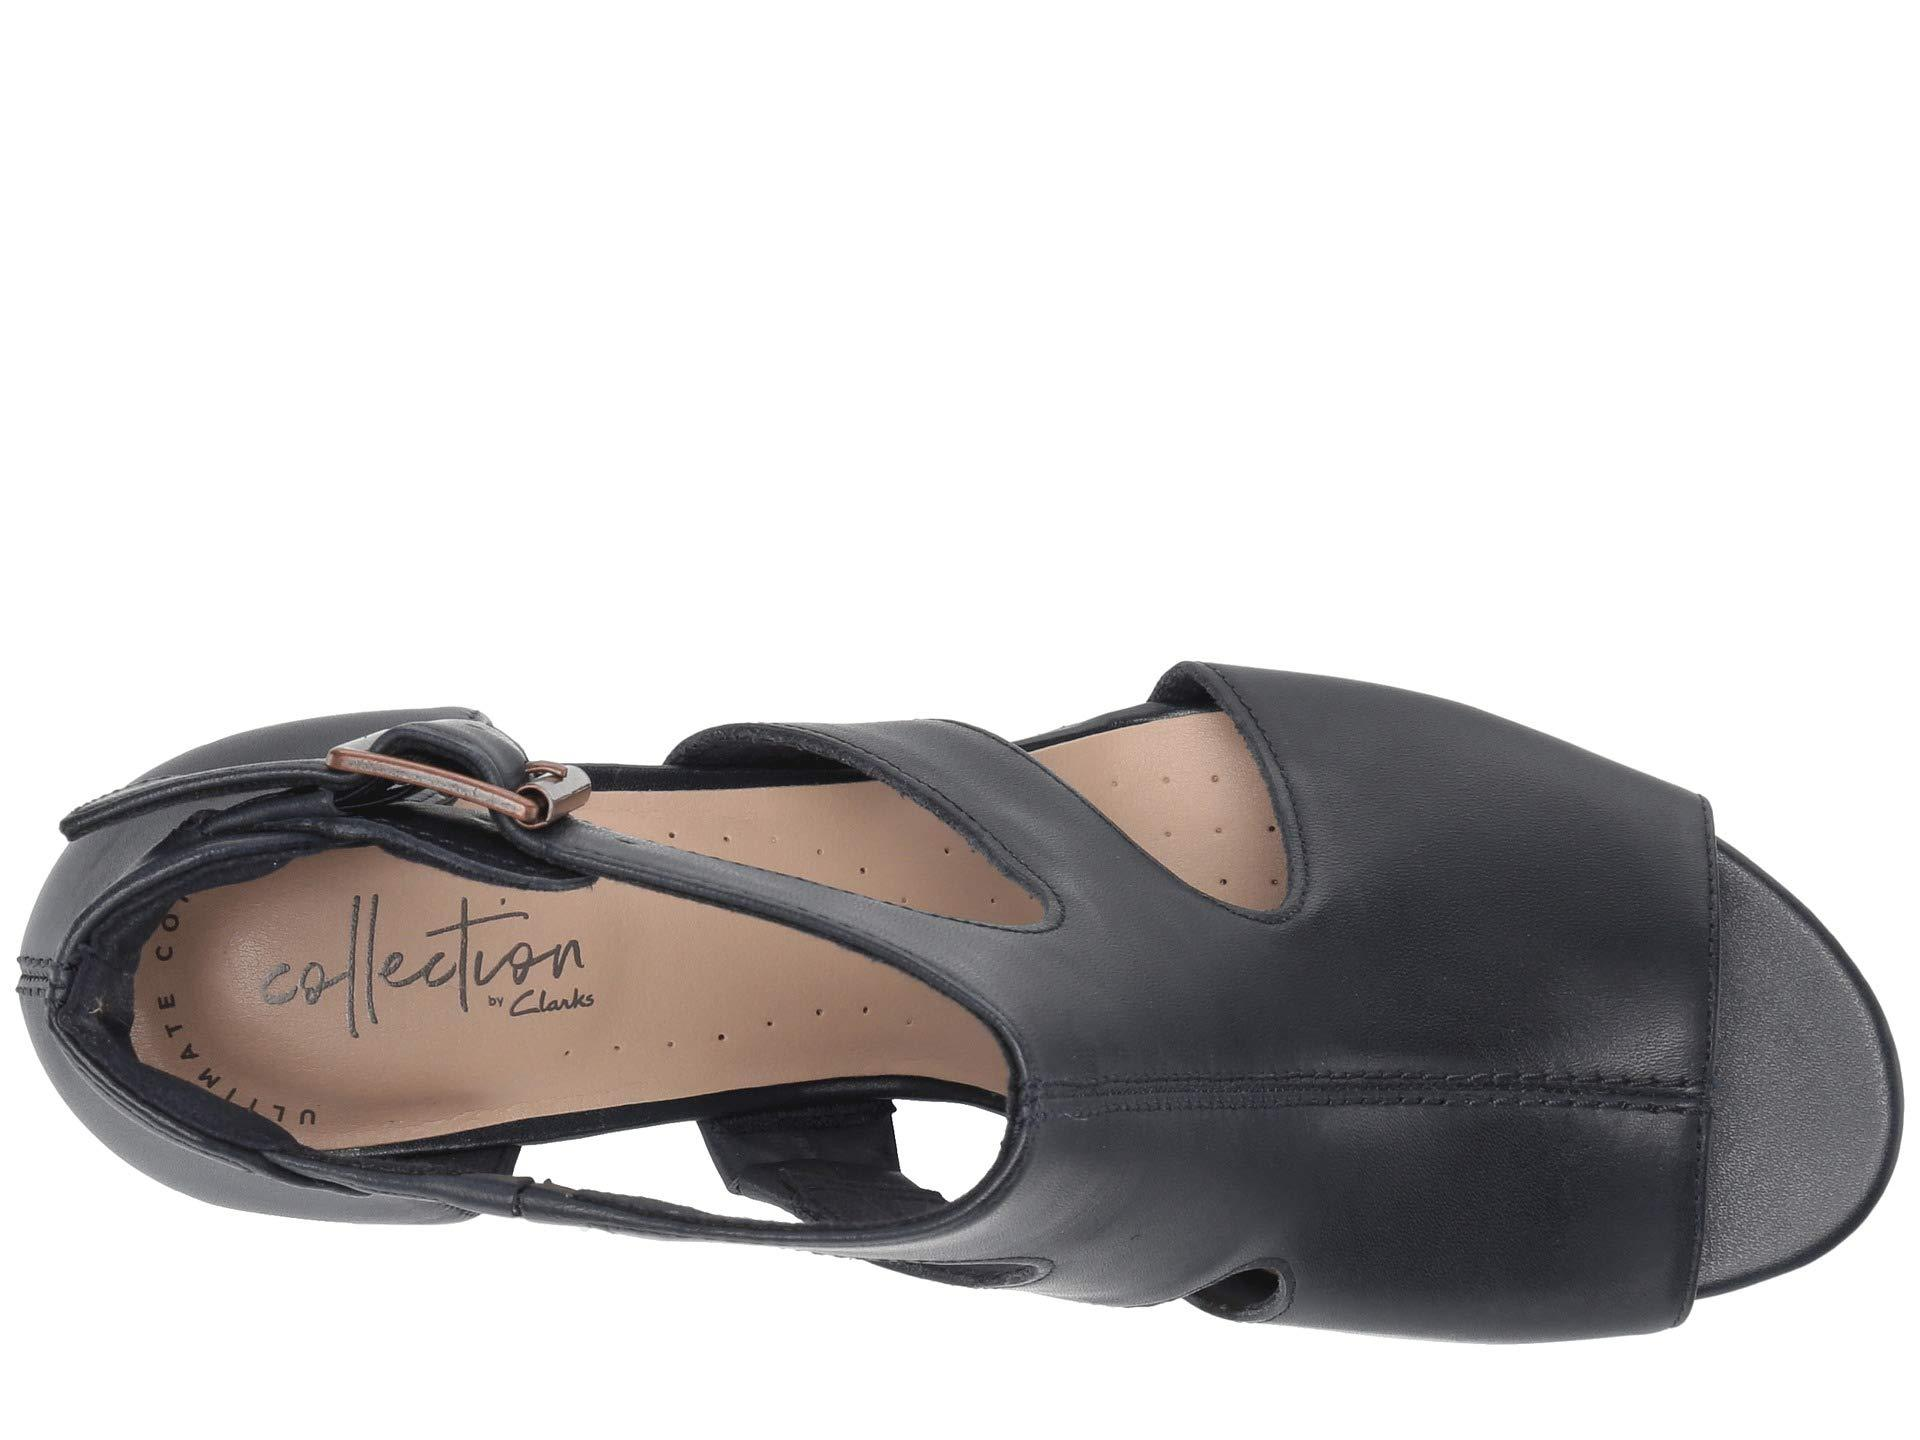 cc8dd6c8dd5f Clarks - Multicolor Deva Heidi (tan Leather) High Heels - Lyst. View  fullscreen